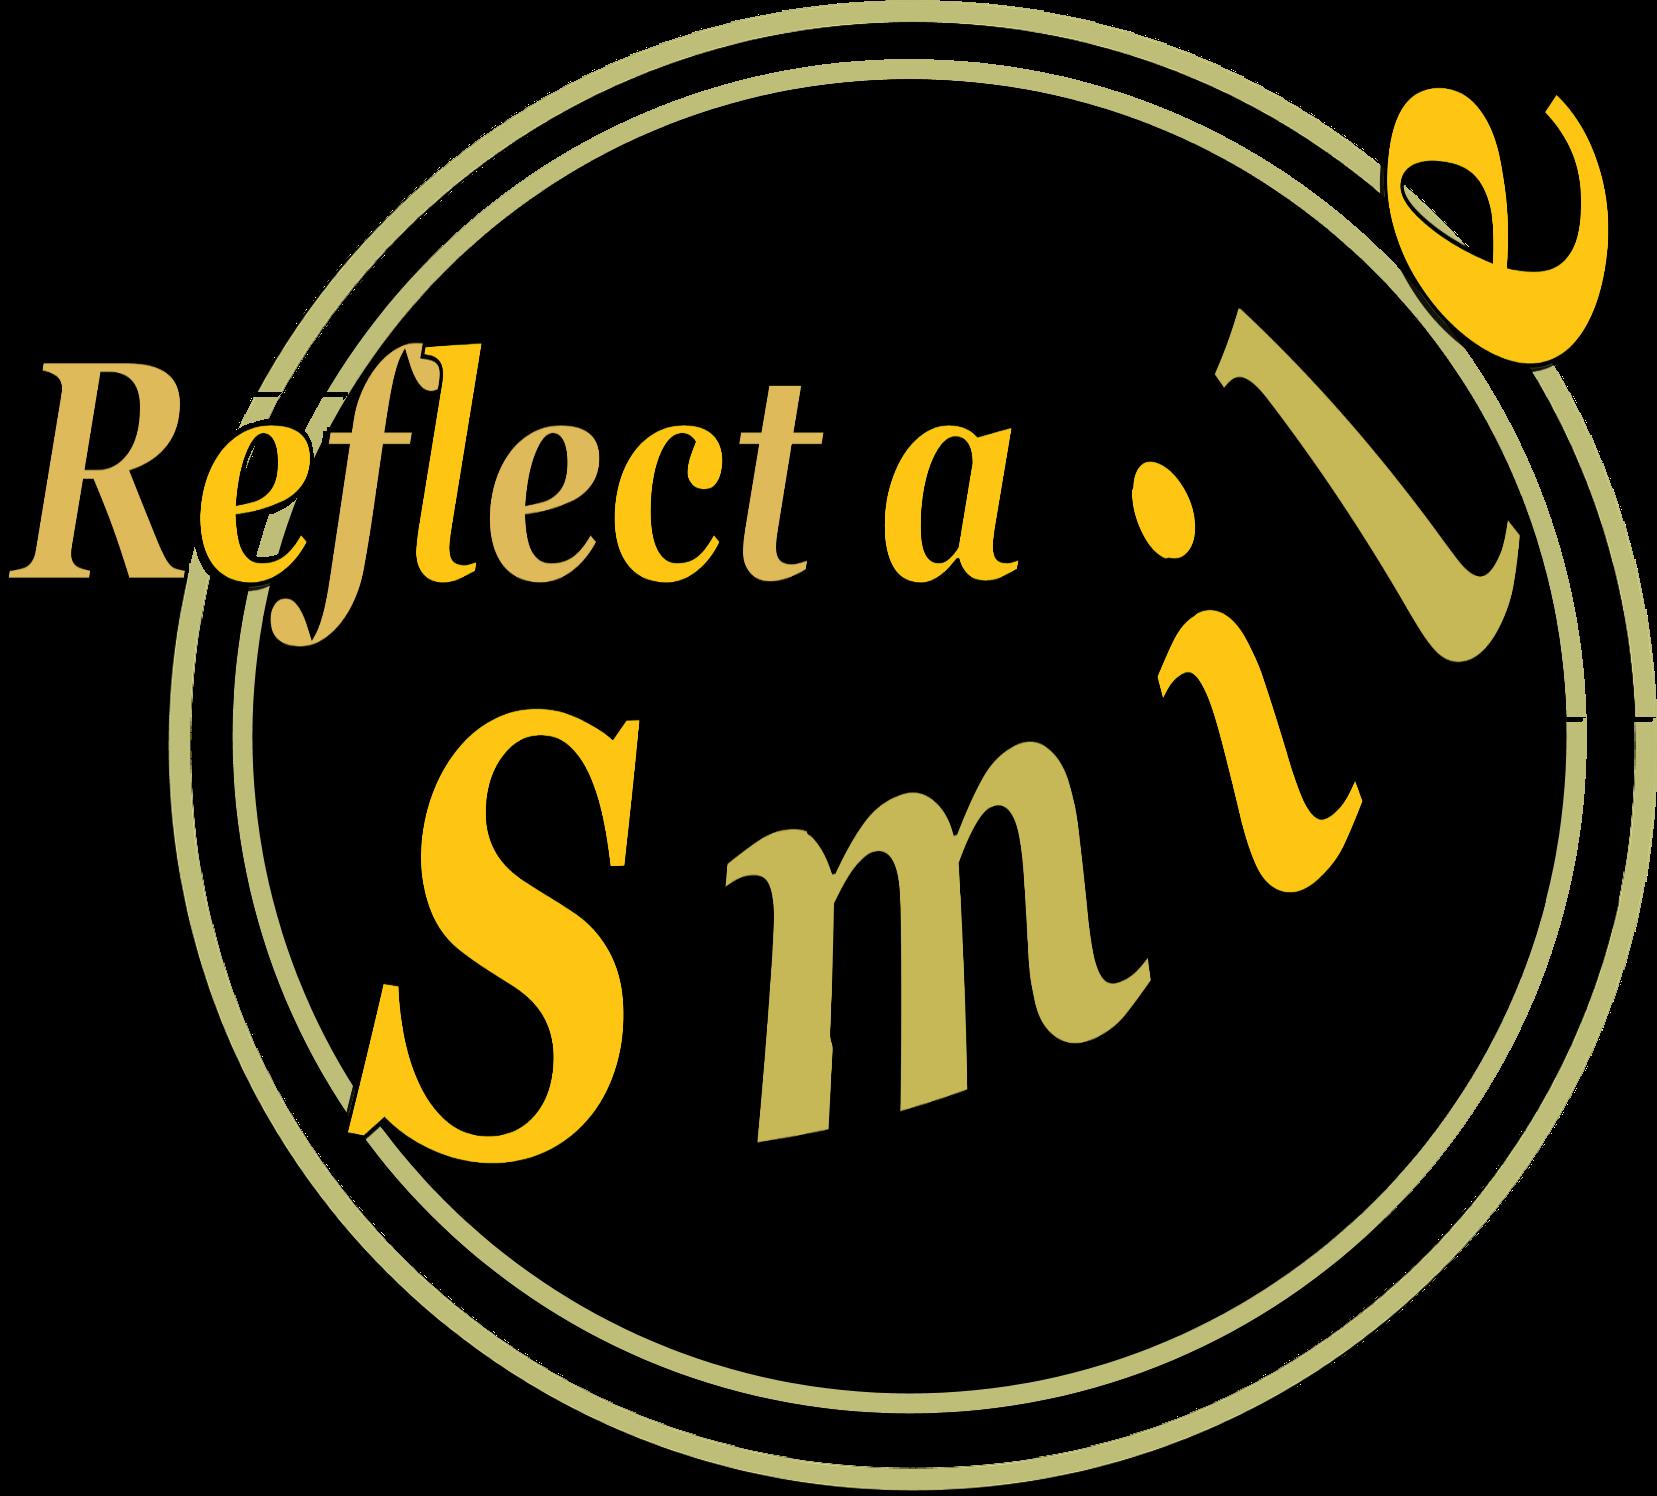 reflectasmile